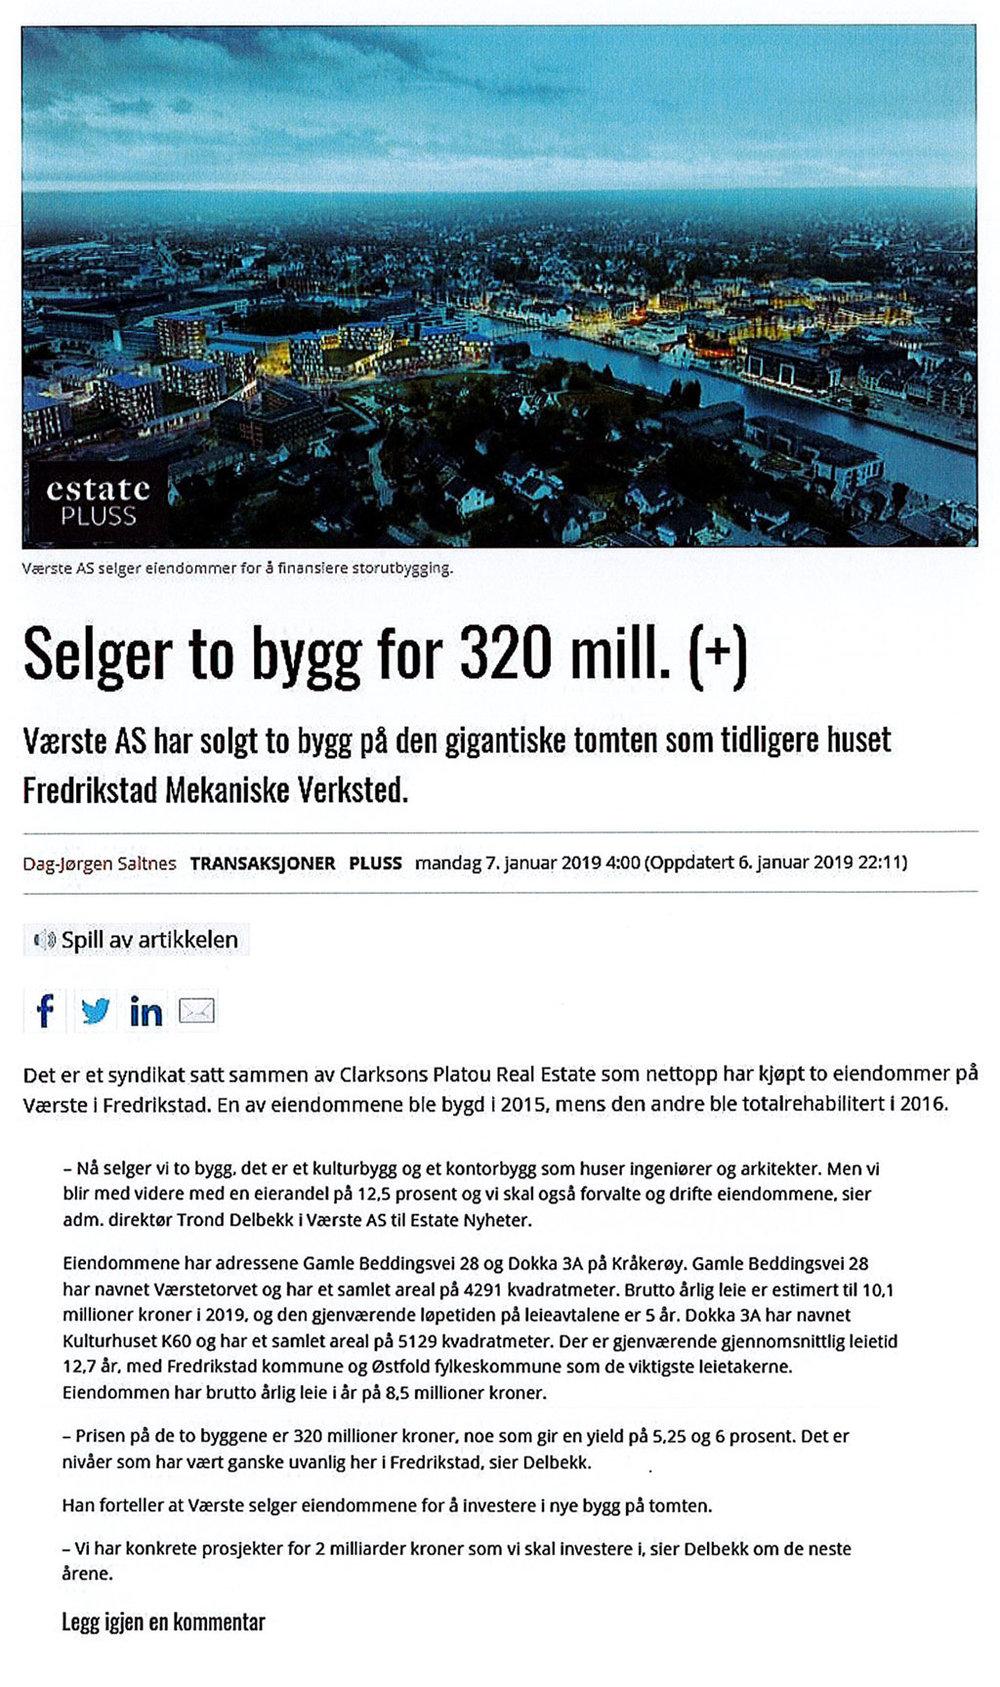 2019-01-07-Estate-Nyheter,-Selger-to-bygg-for-320-mill-1.jpg